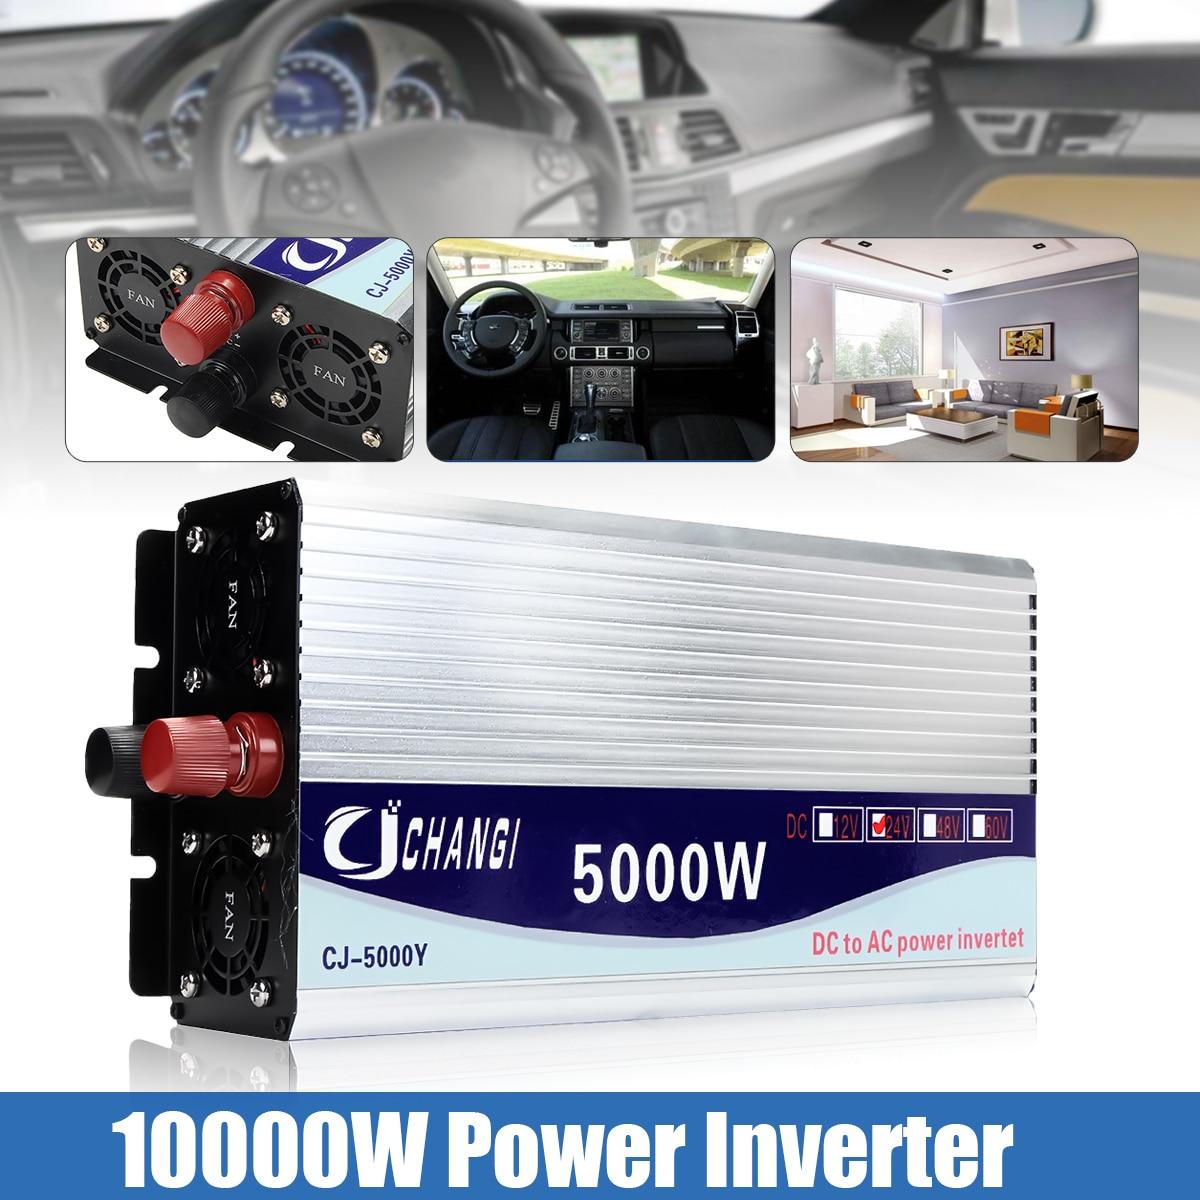 Инвертор 12 В/24 В/48 В 220 В 5000 Вт 10000 Вт P ЕАК Модифицированная синусоида Трансформатор напряжения тока преобразователь + ЖК-дисплей дисплей